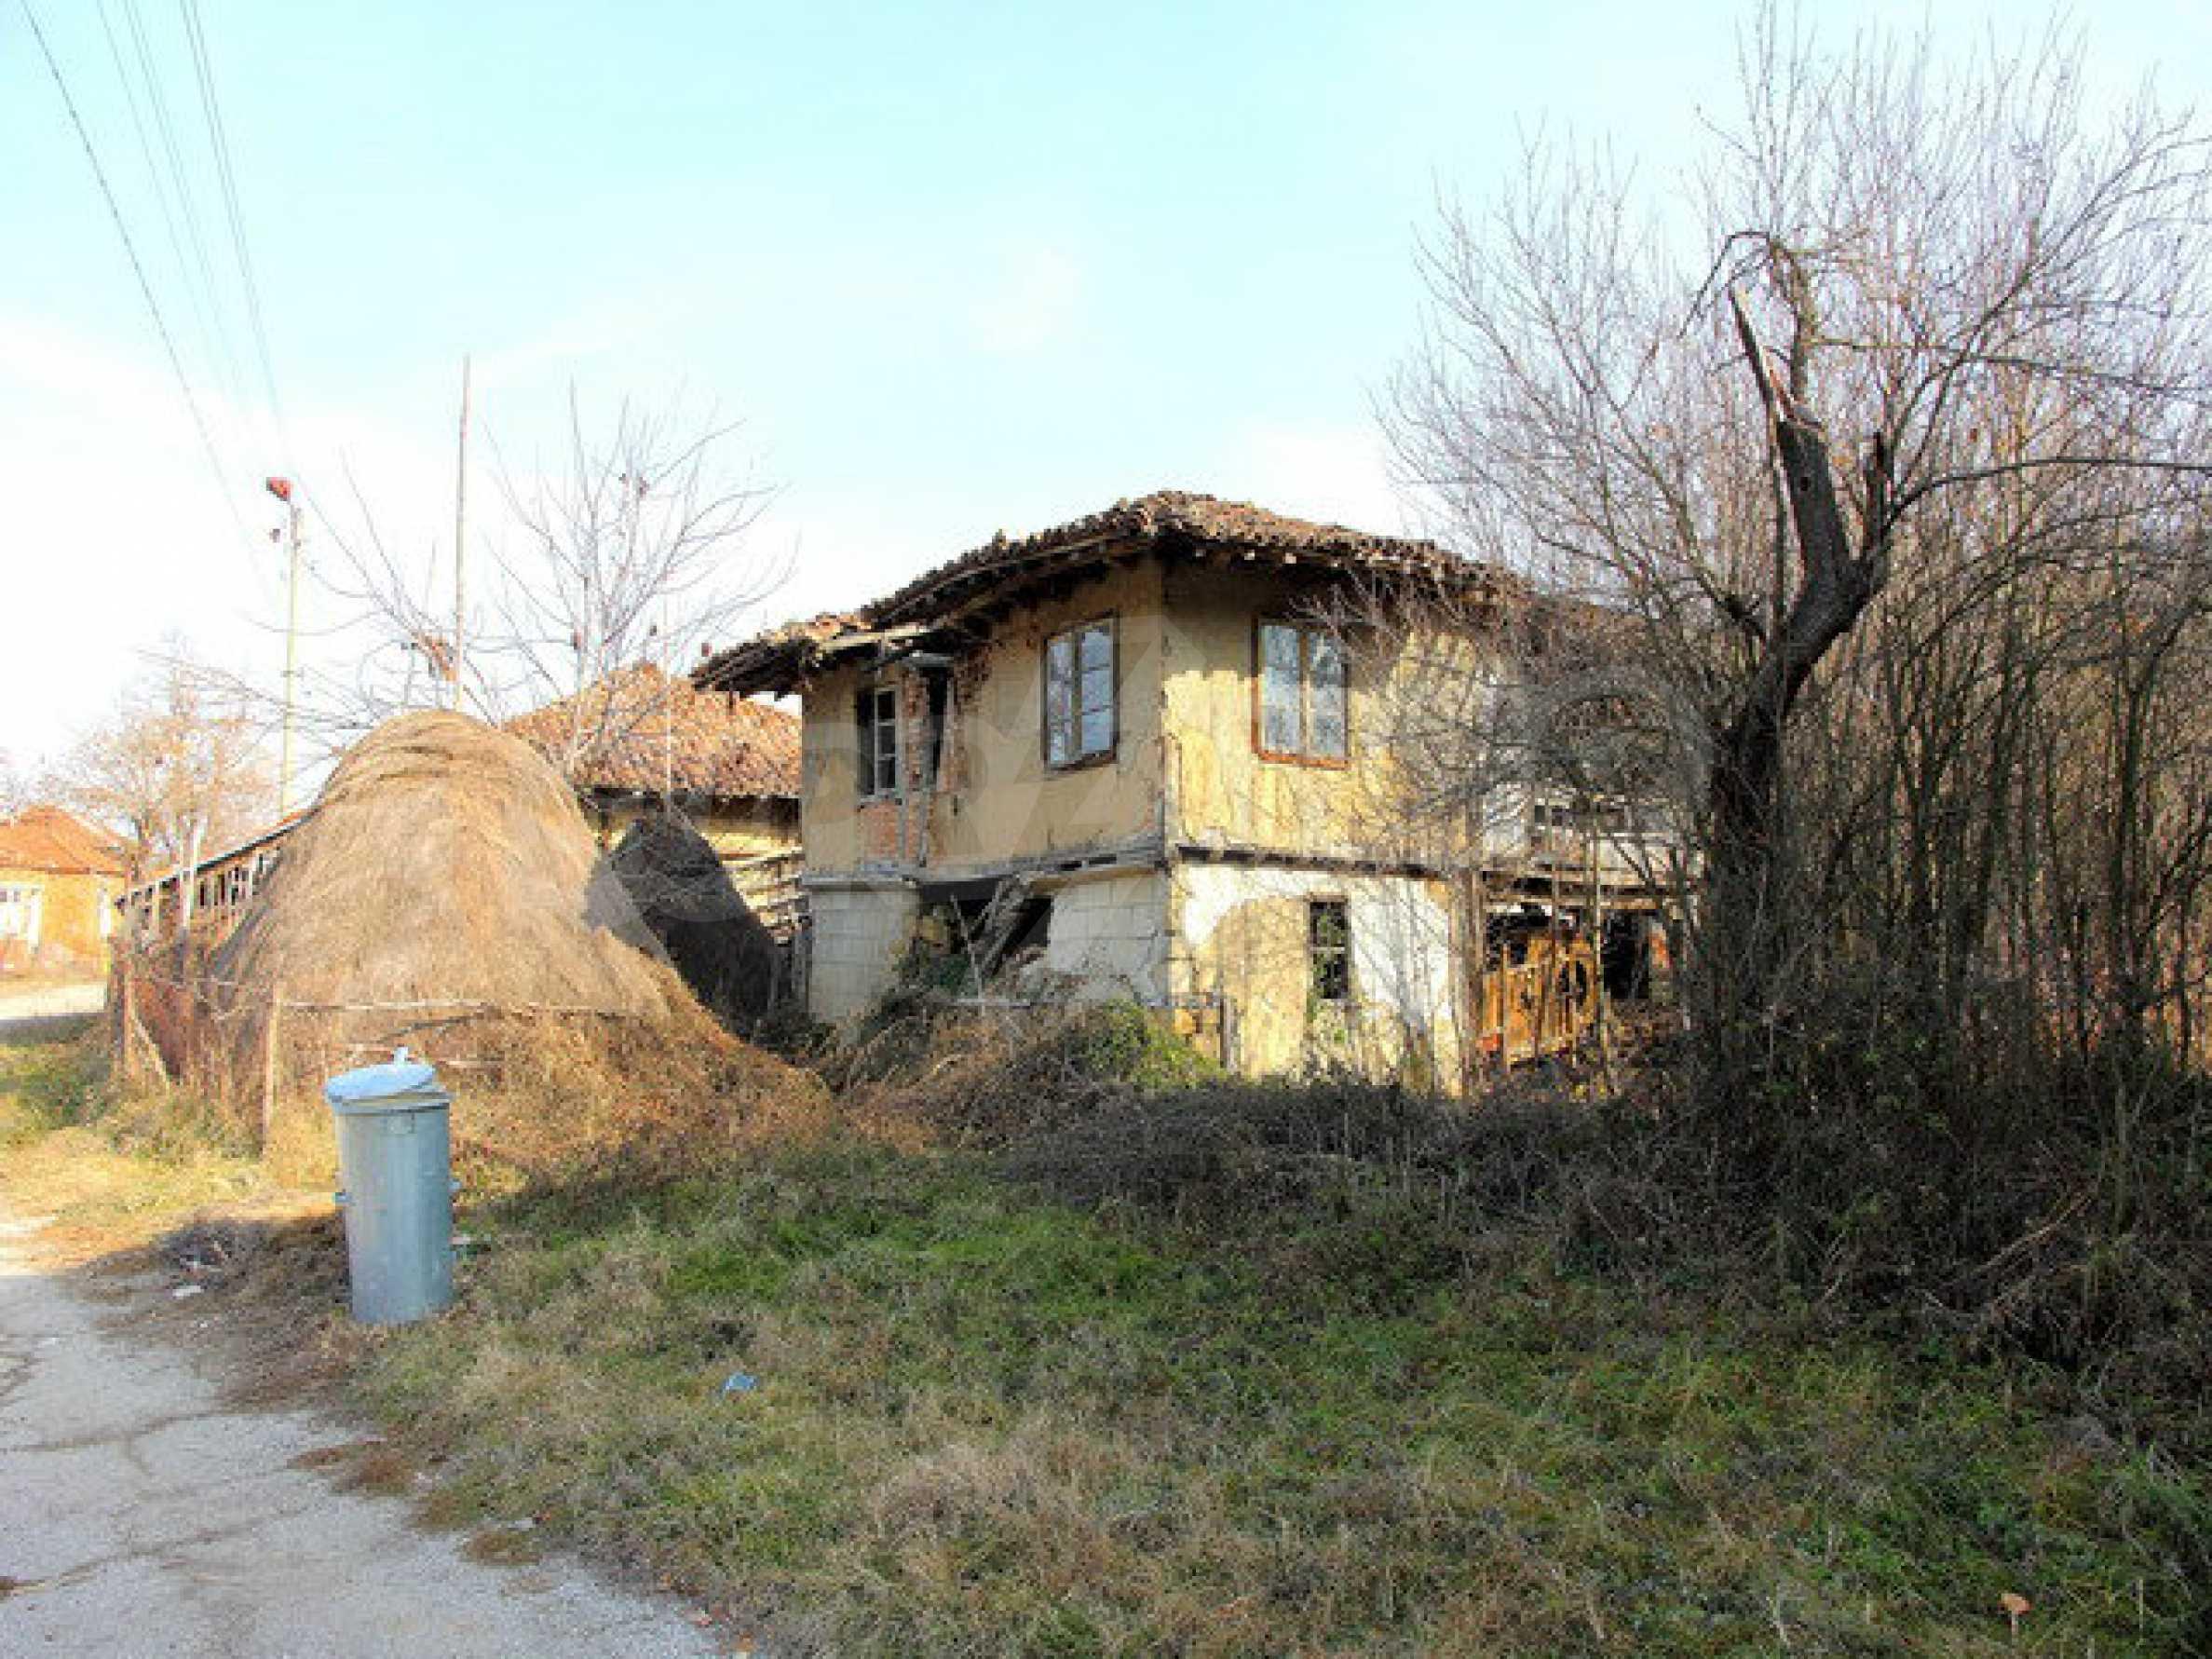 Grundstück mit Abrisshaus in einem malerischen Dorf in der Gegend von Elena 2